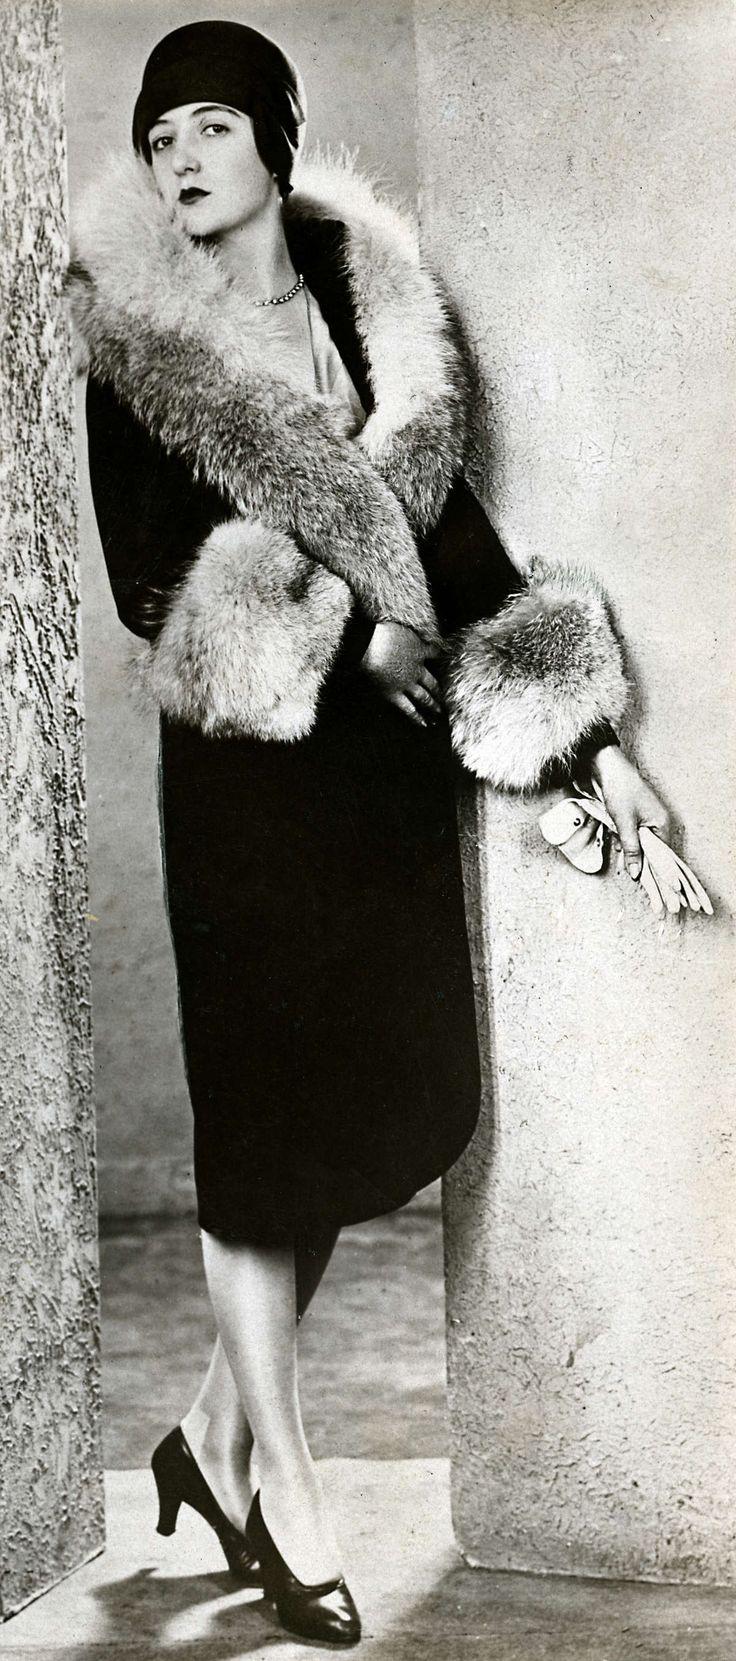 Mode toen en nu. De wintermantel voor 1928 : zwart fluweel met een vossenbont. Foto geplaatst bij artikel in Het Leven: Dameskleding van 1914 en nu: wat is beter.